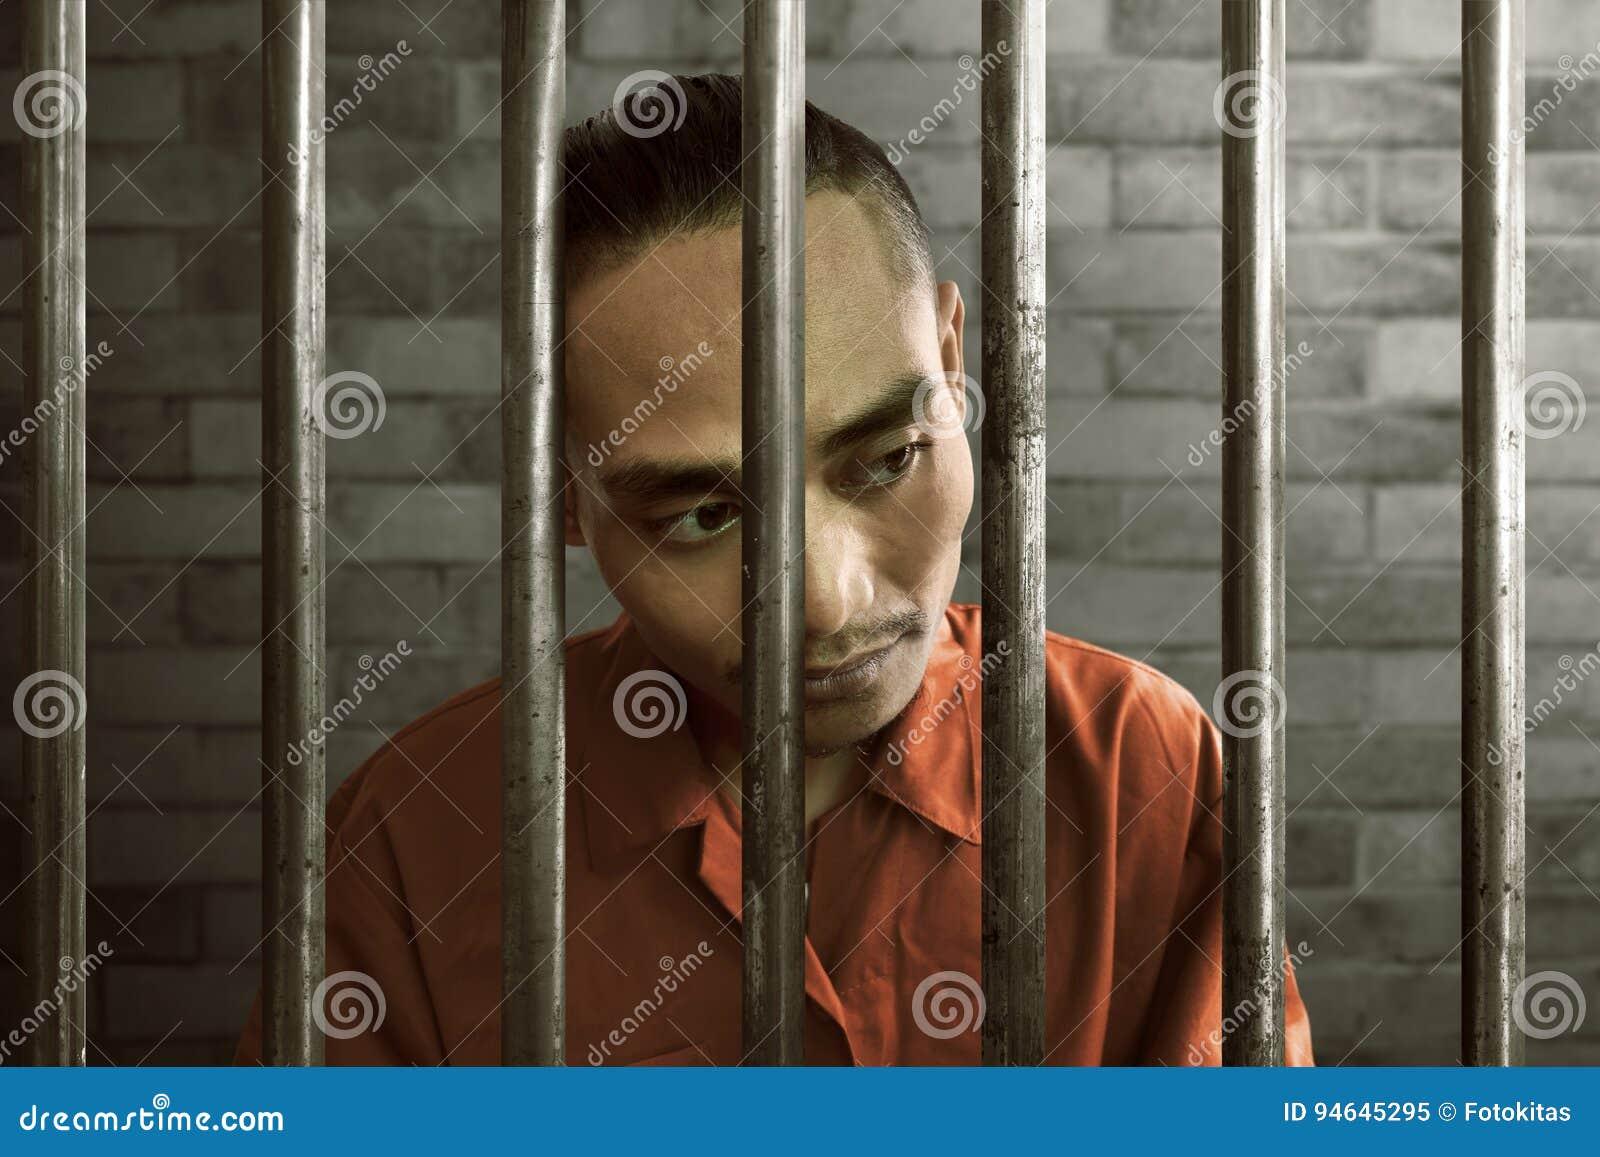 Azjatycki mężczyzna w więzieniu